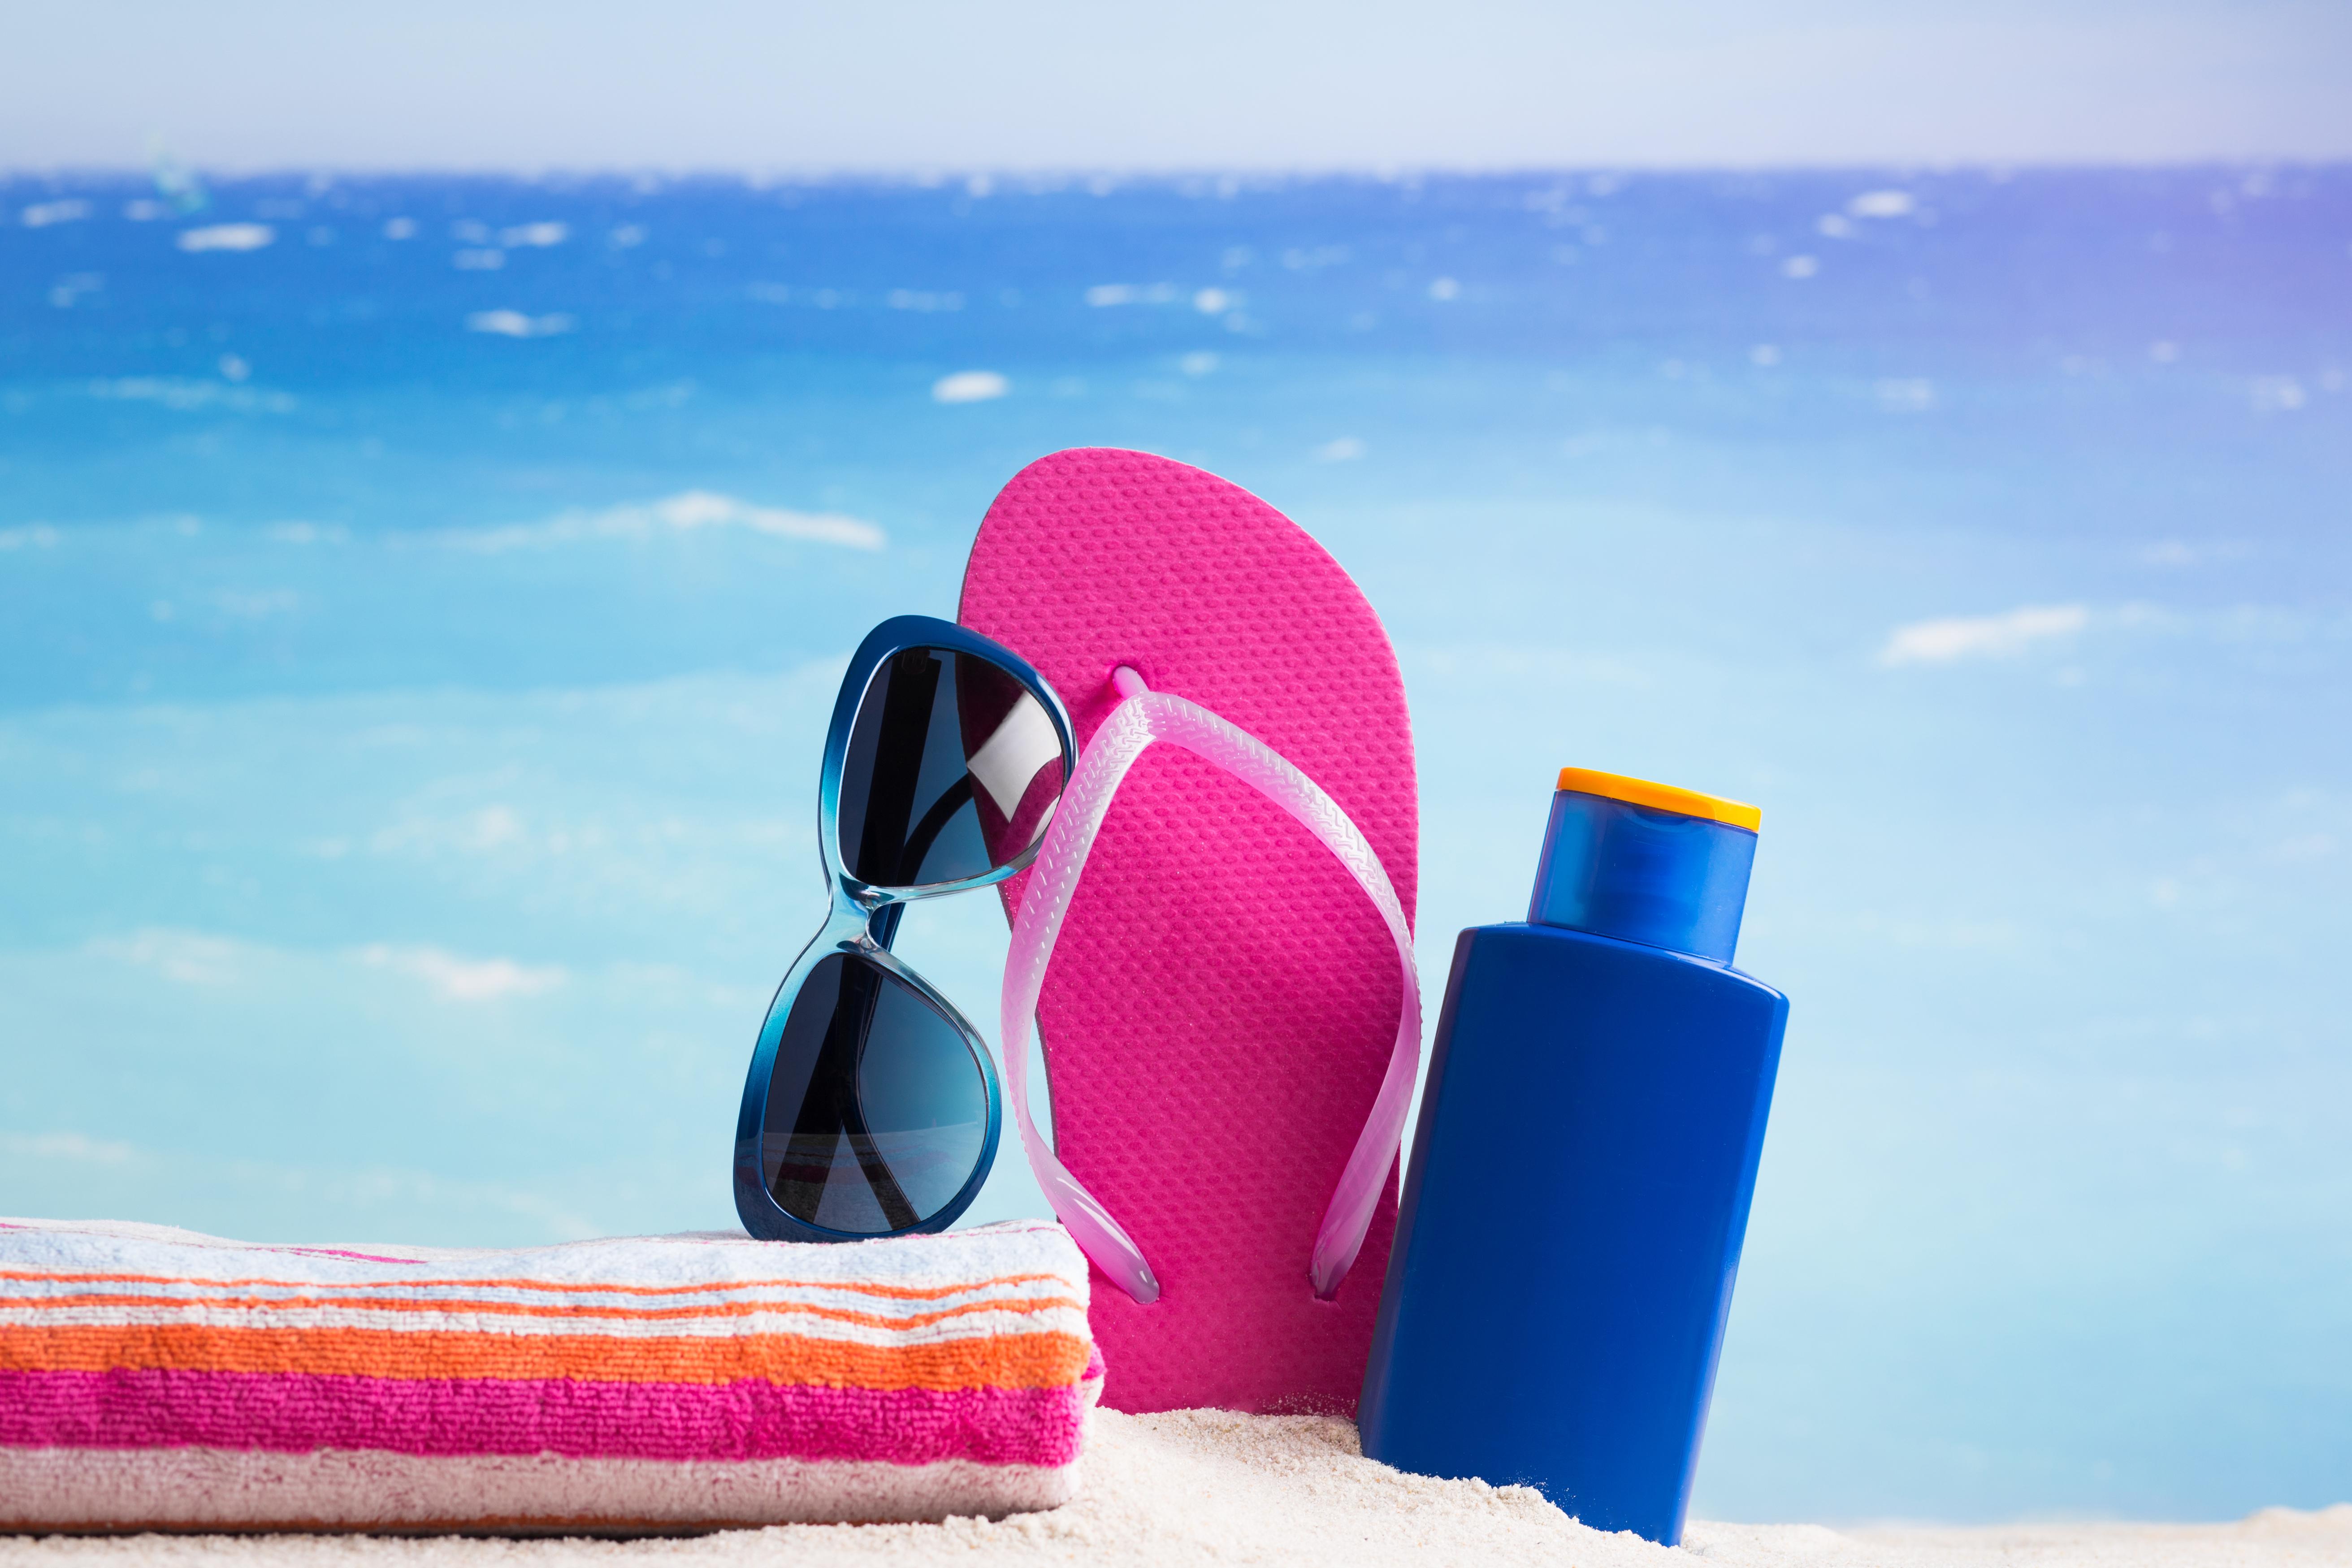 Disfrutar el verano del sol, sin correr peligros de salud